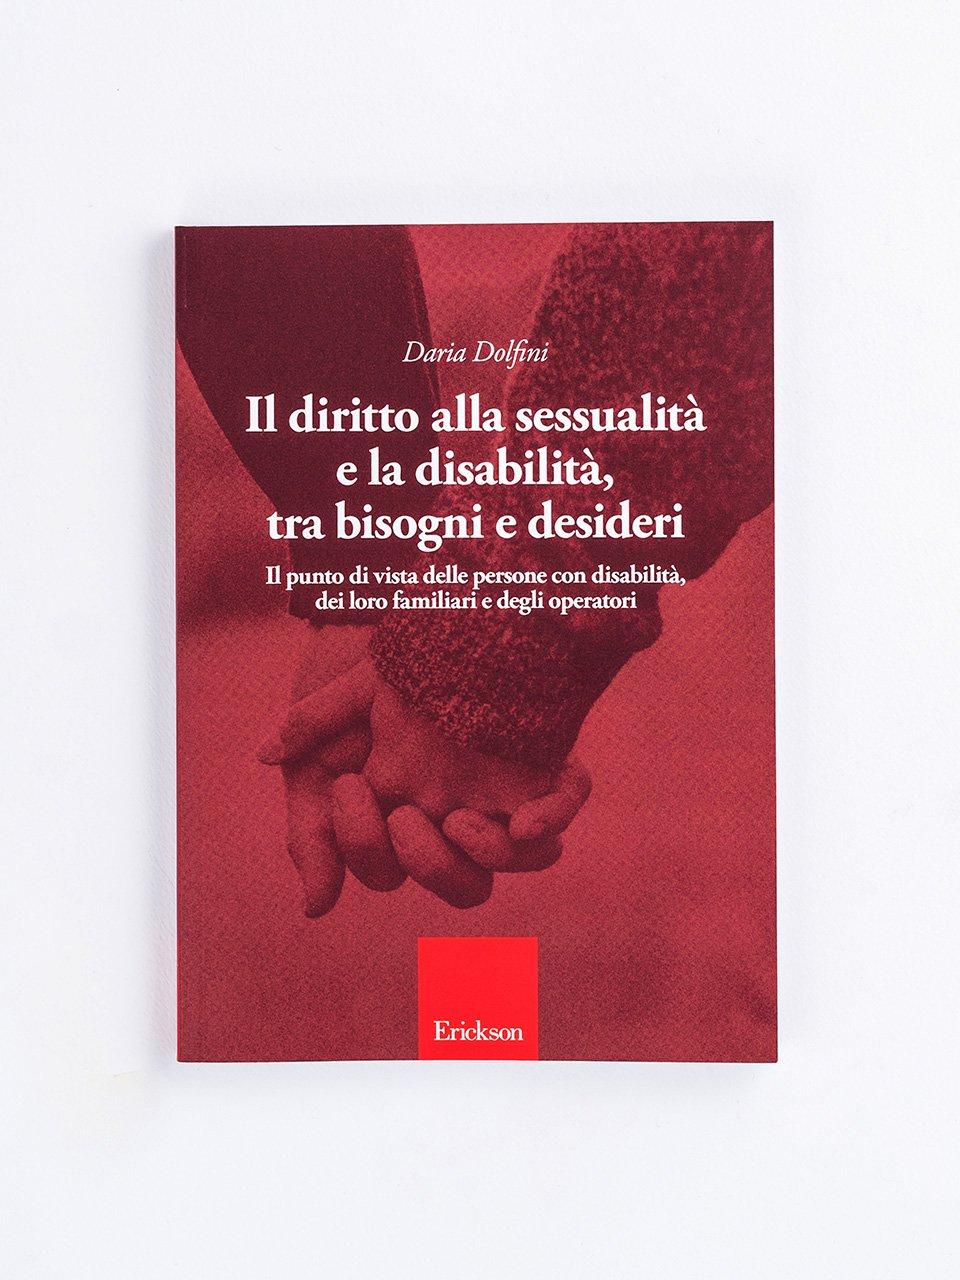 Il diritto alla sessualità e la disabilità, tra bi - Libri - Erickson